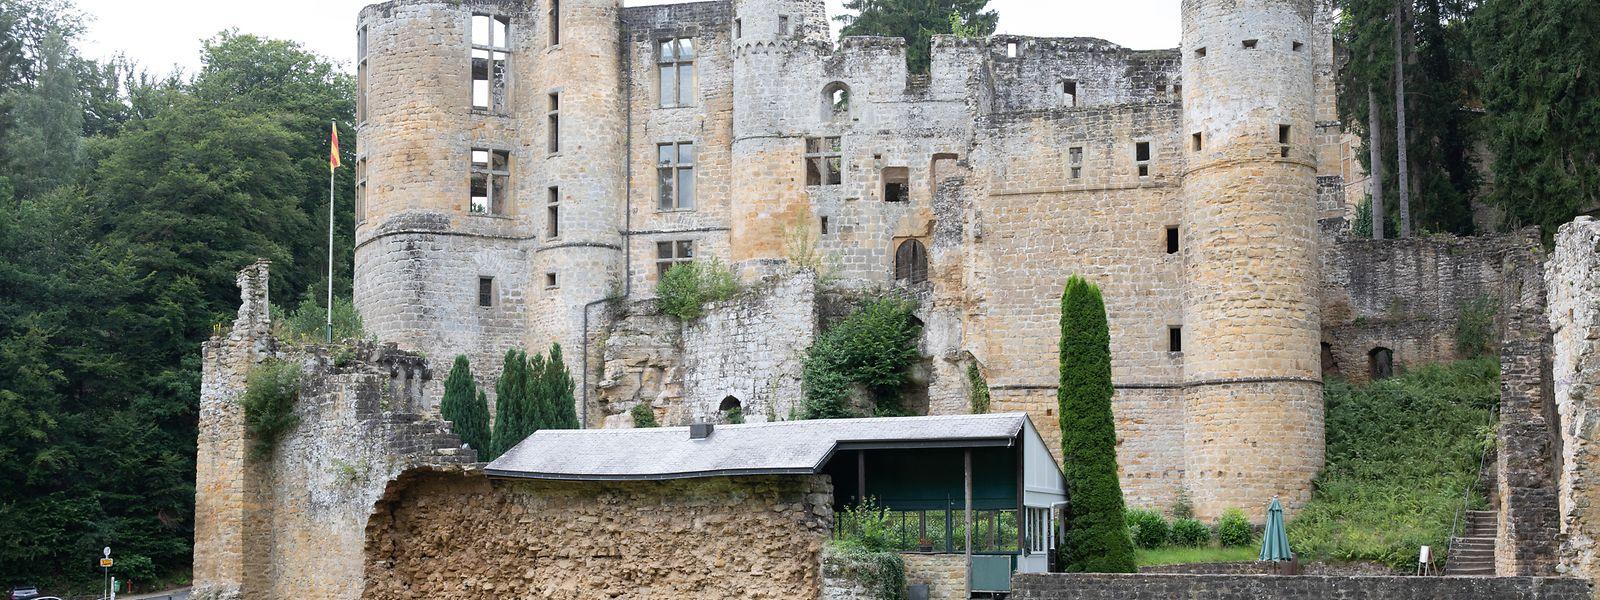 Die starken Regenfälle der vergangenen Wochen führten dazu, dass ein Teil der aus dem 14. Jahrhundert stammenden Mauer wegbrach.